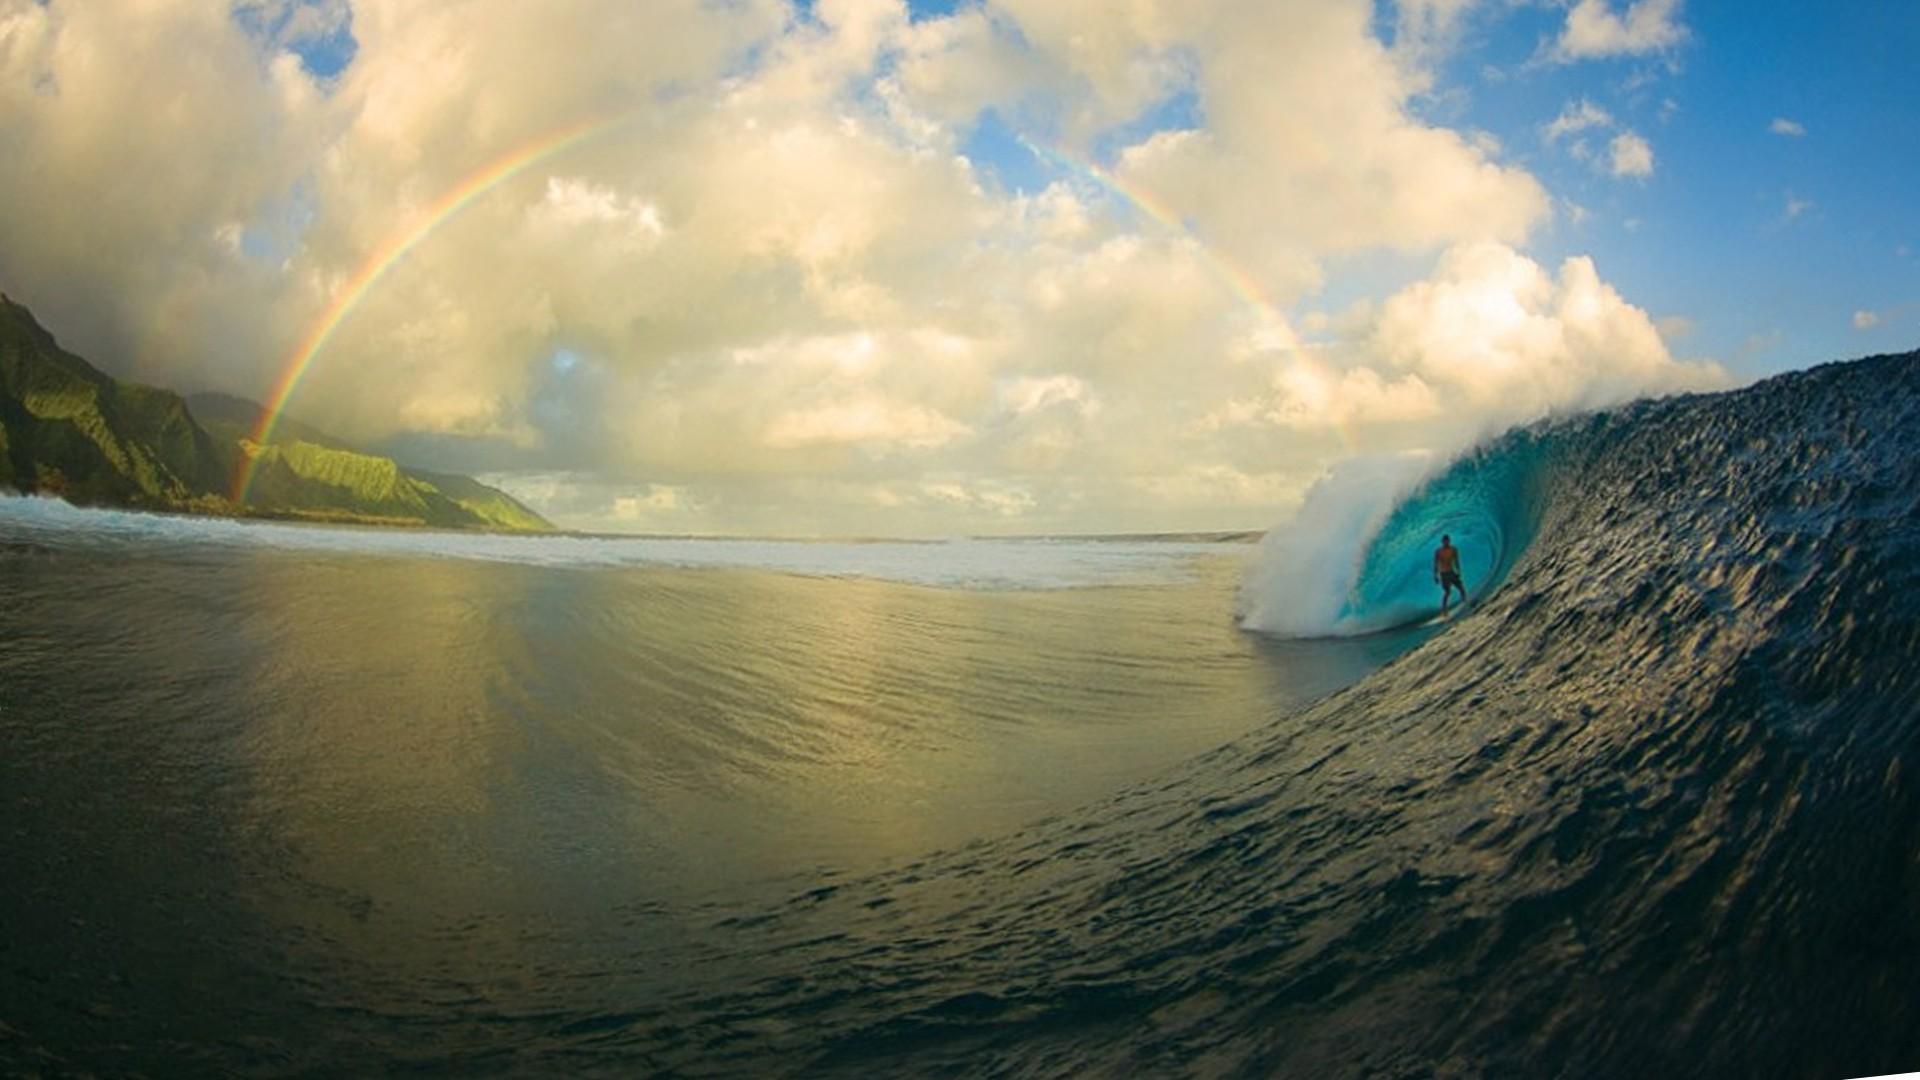 1920x1080 Surfing Rainbows 21662 Wallpaper